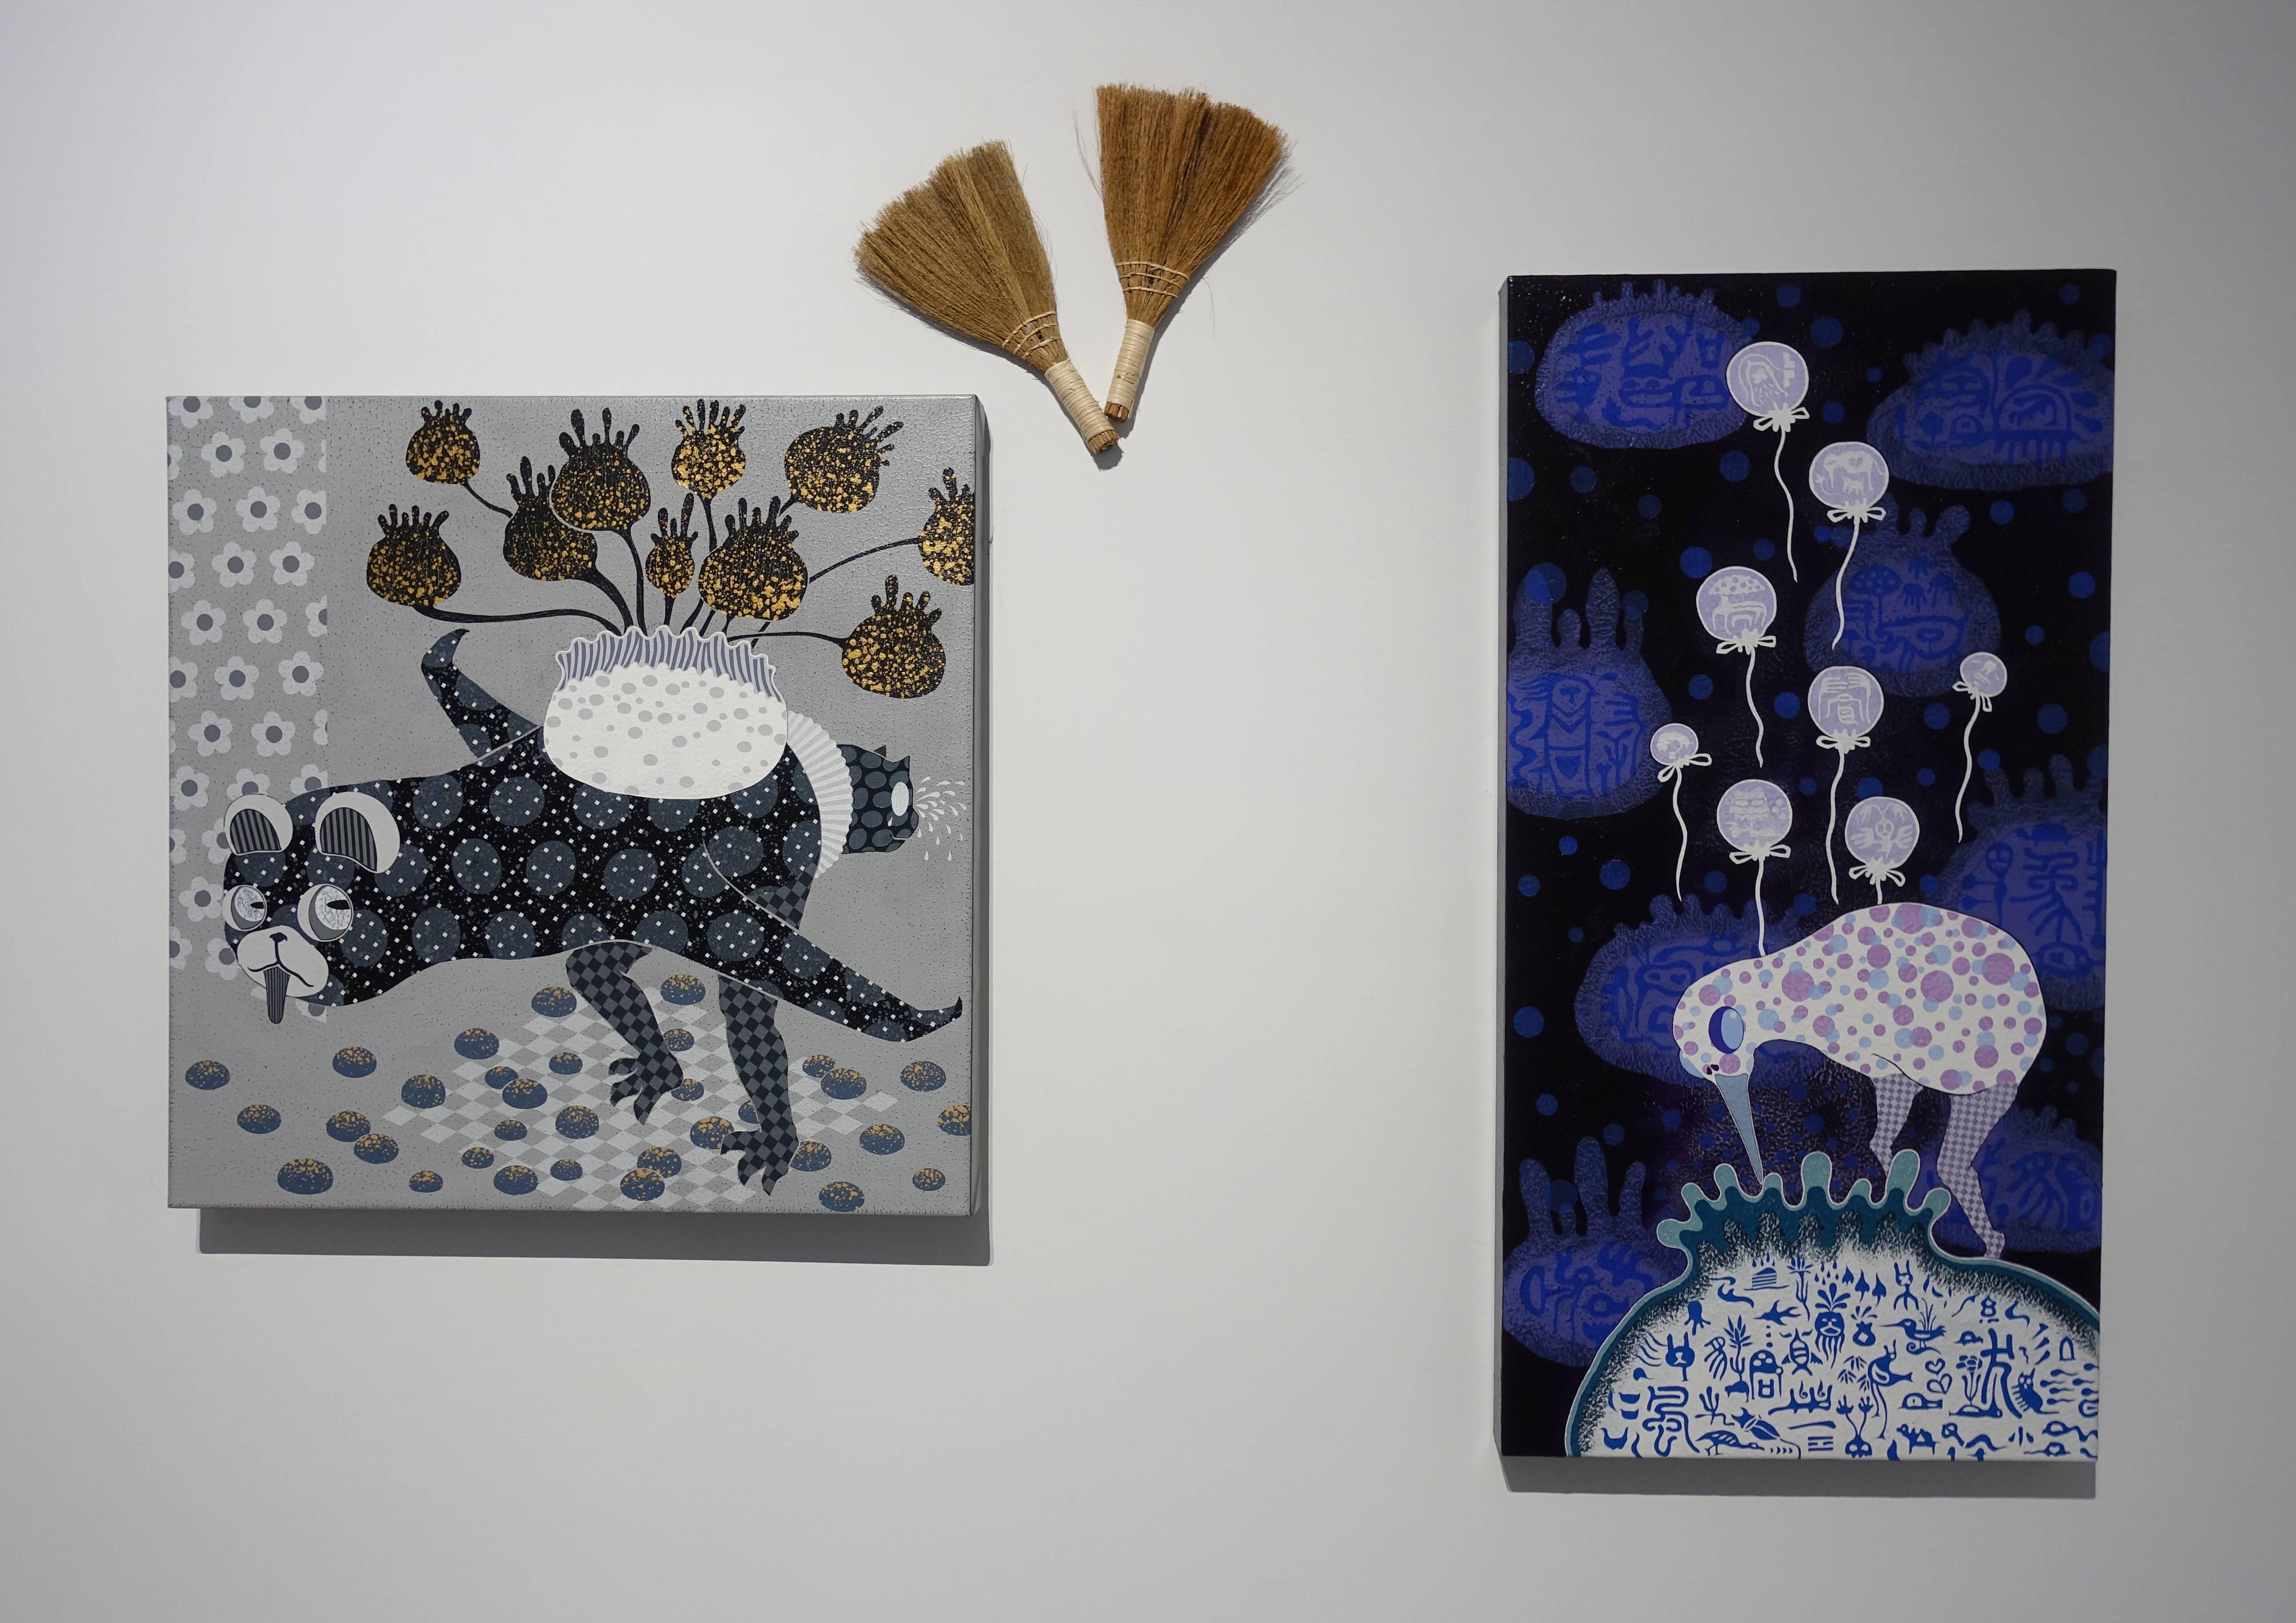 廖堉安,《內省計畫The Plan of Introspection》,壓克力、畫布,70x70 cm,2017(左)。廖堉安,《夢想氣球Dream Balloon》,壓克力、畫布,100x50 cm,2017(右)。